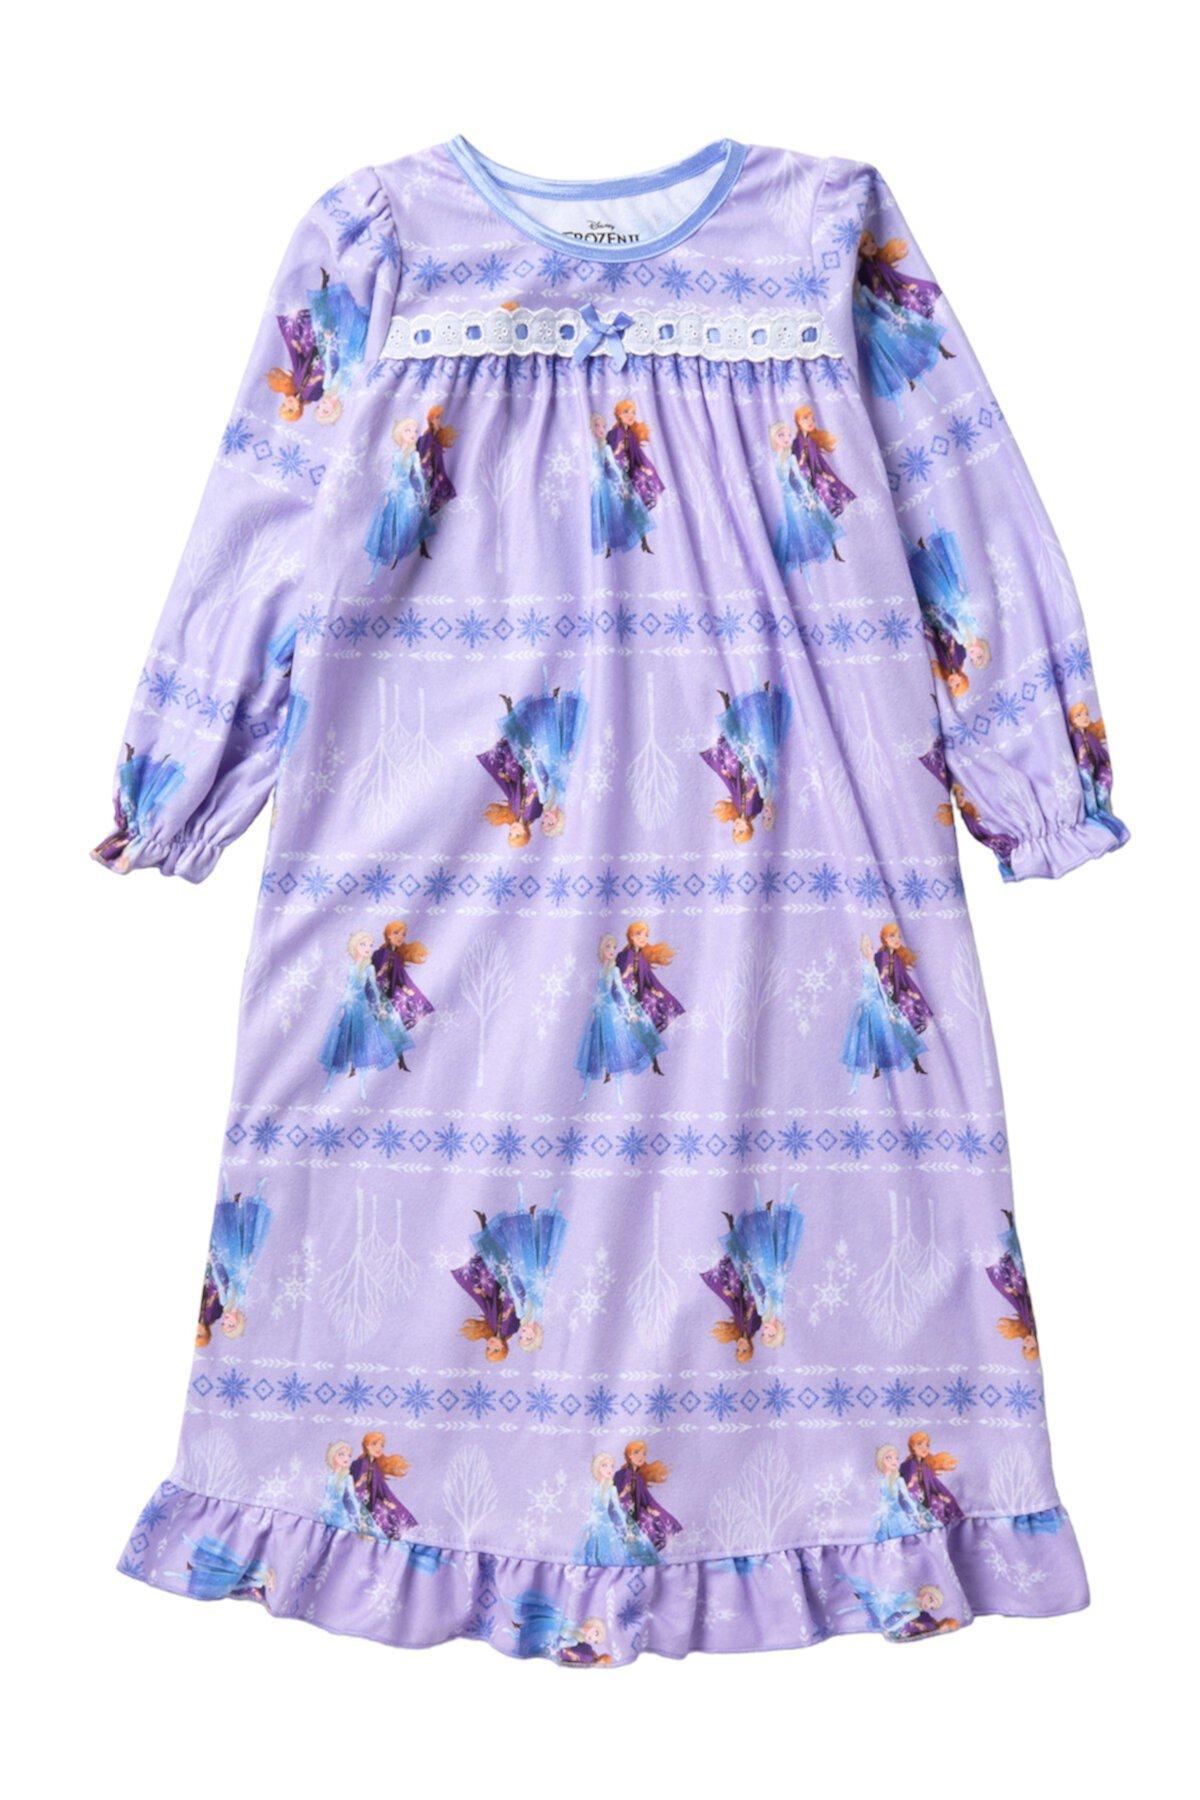 Frozen 2 Granny Gown (для малышей) AME